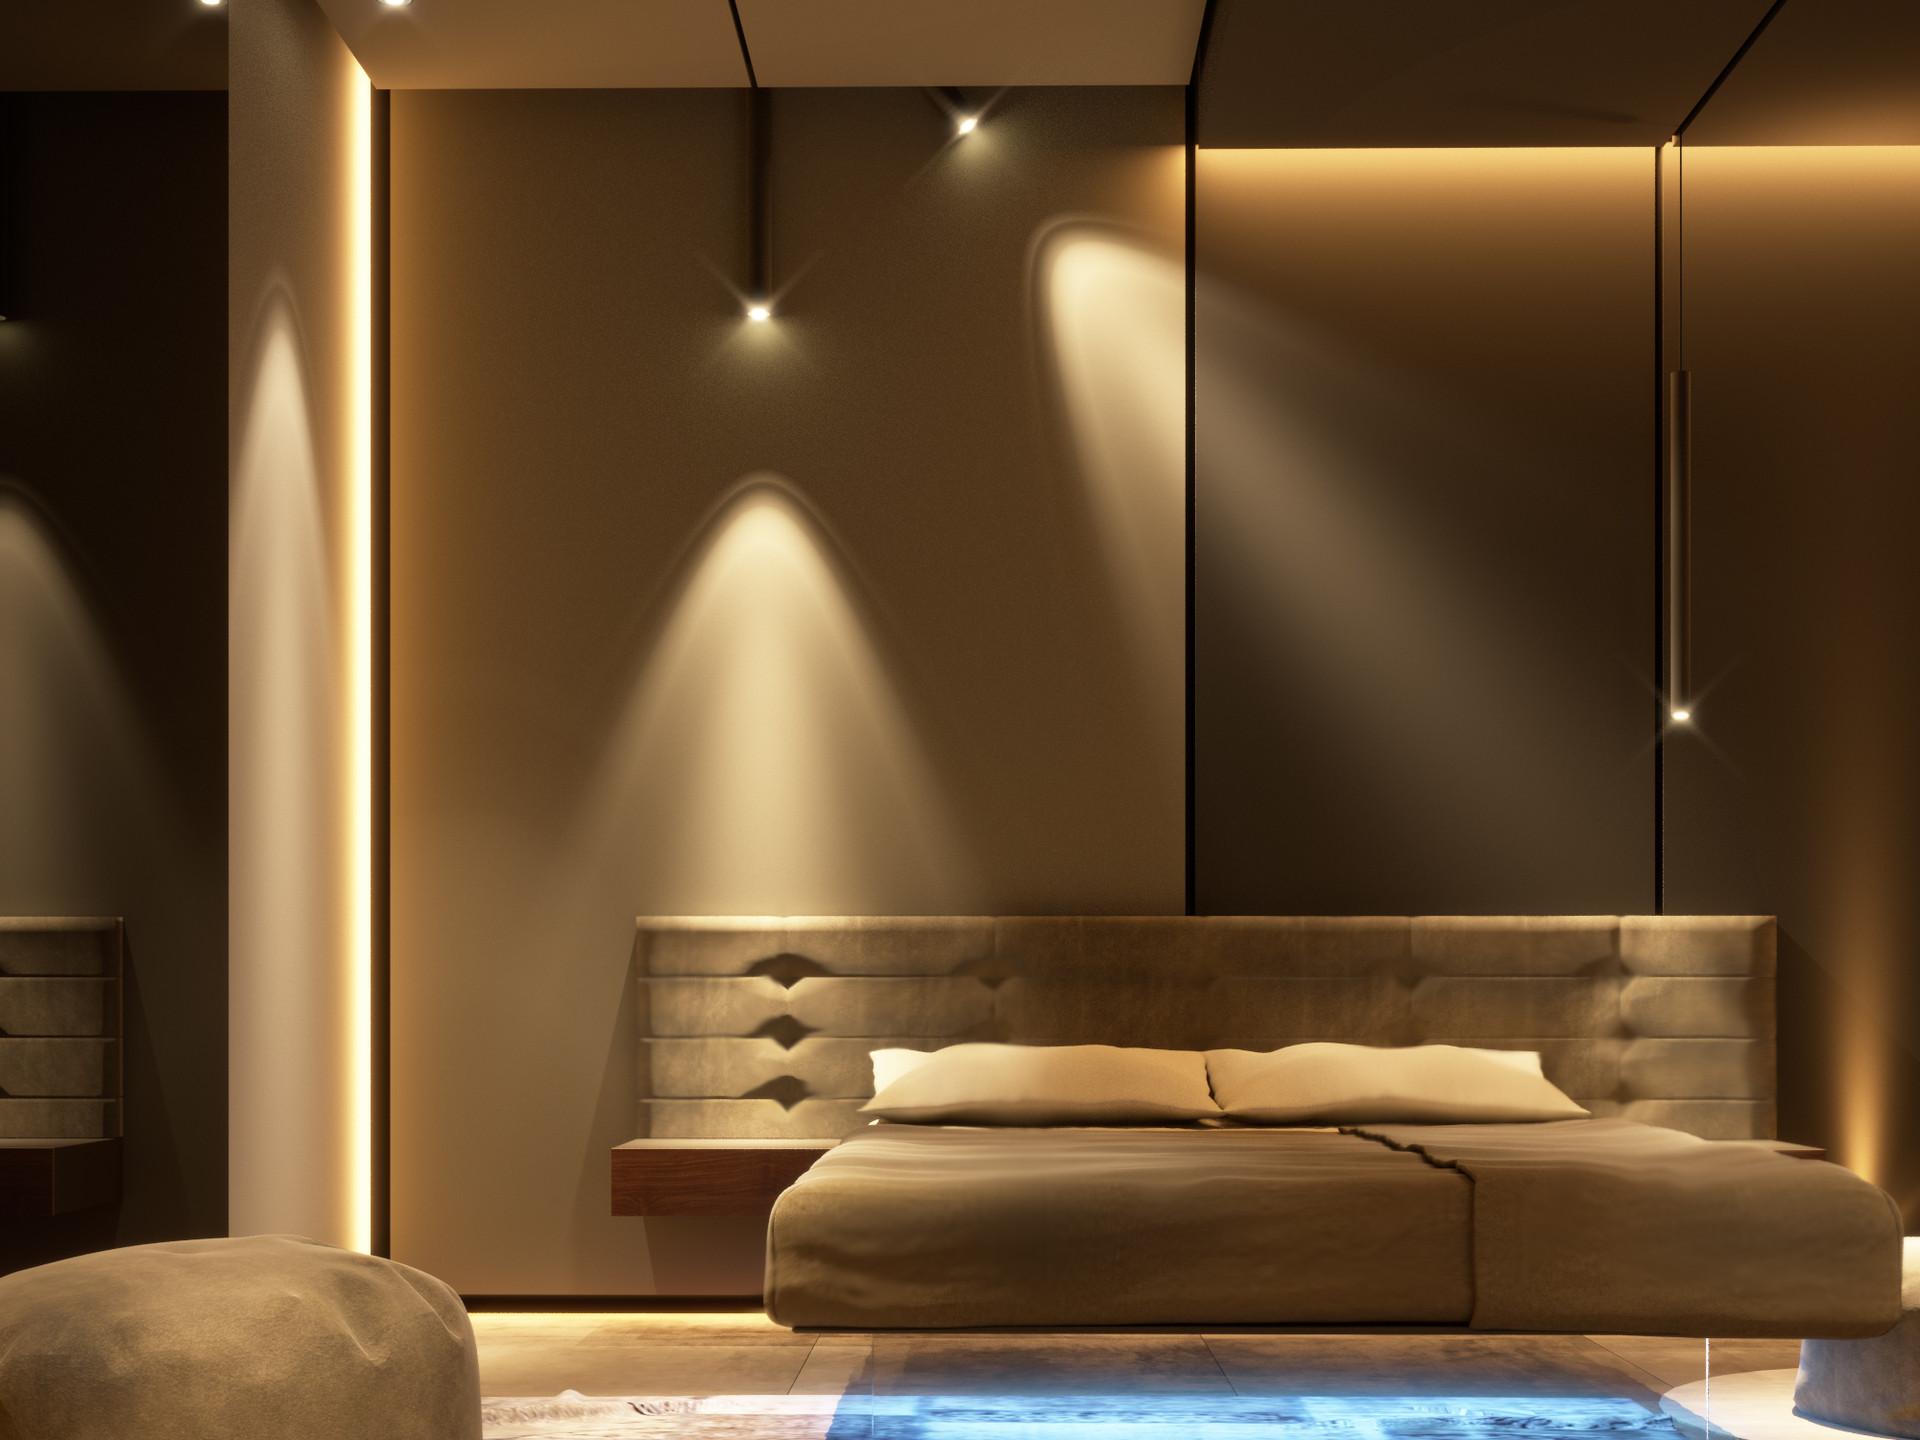 BEDROOM N+A